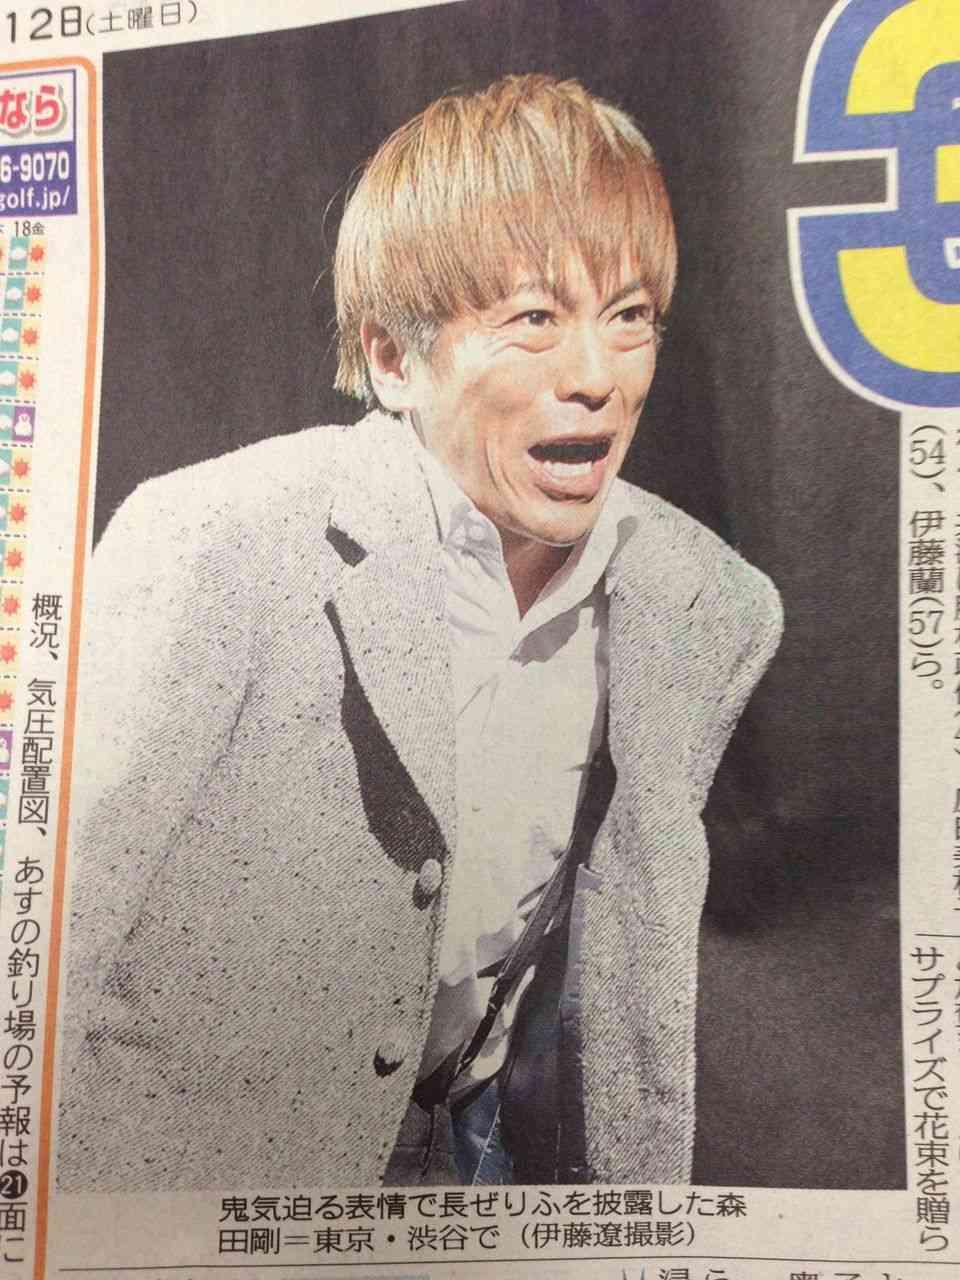 大塚千弘、V6坂本昌行との熱愛質問は無言